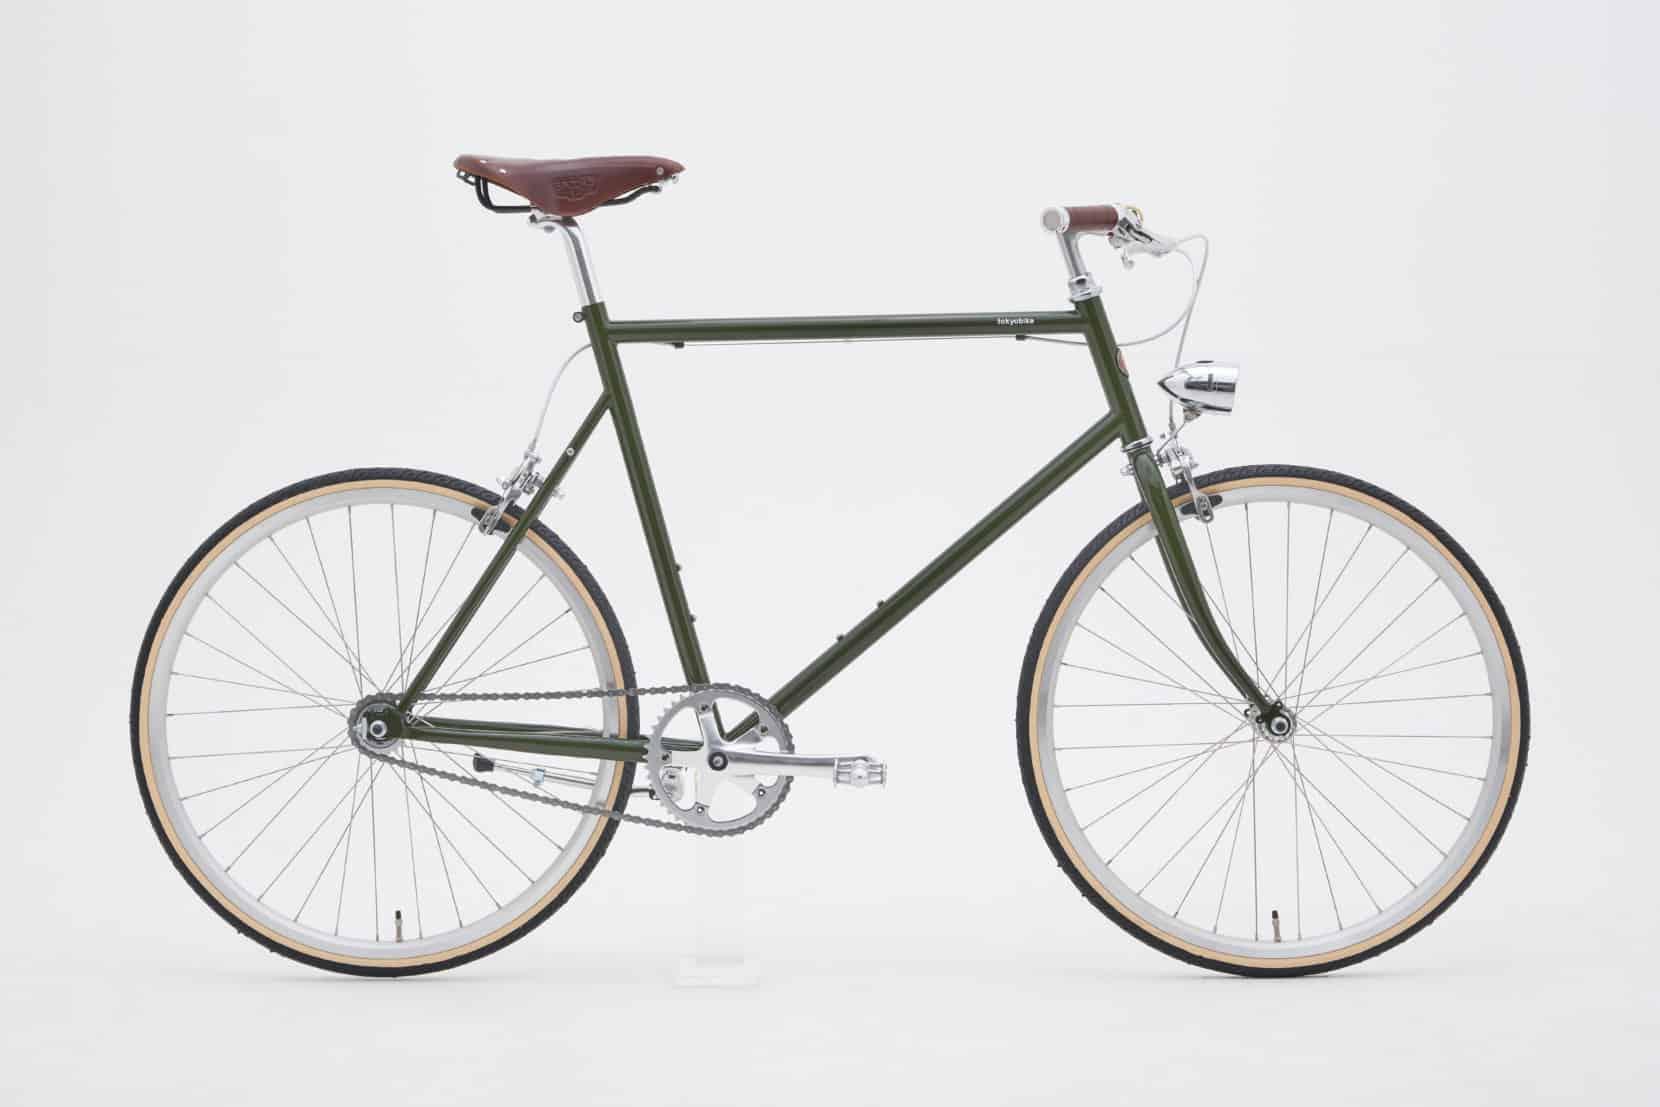 おしゃれなクロスバイクを欲しい人へ。TOKYOBIKE MONOをベースに、映画に出てくるようなクラシカルなカスタマイズを施しました。